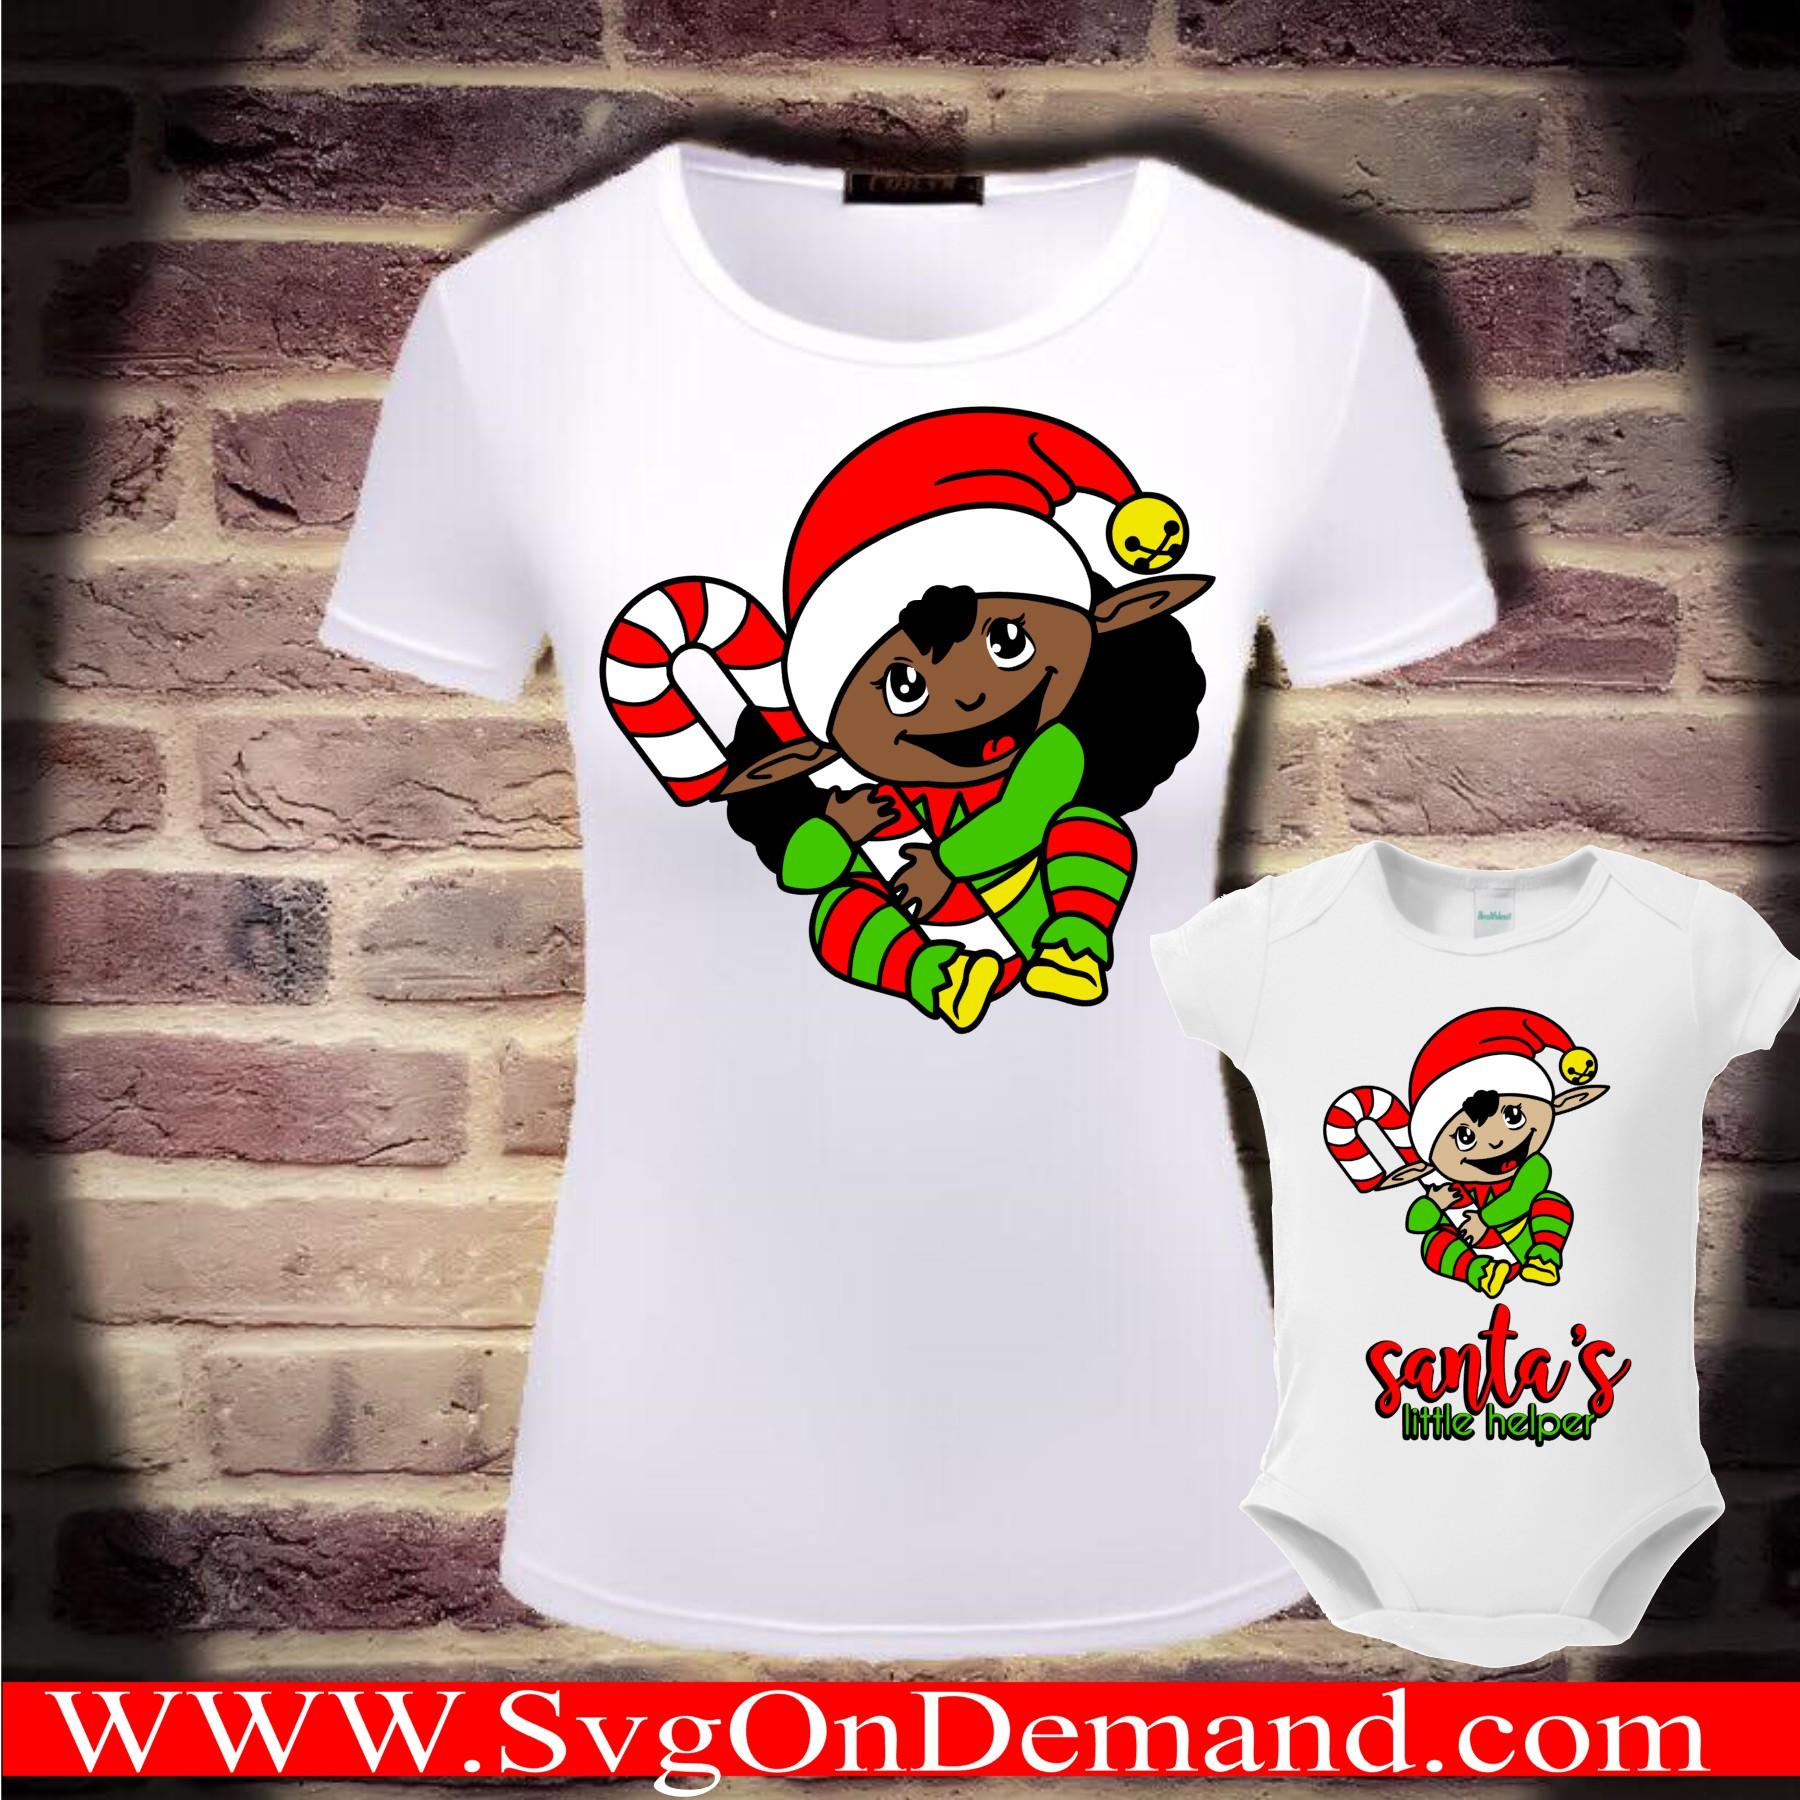 Santa's Little Helper Bundle